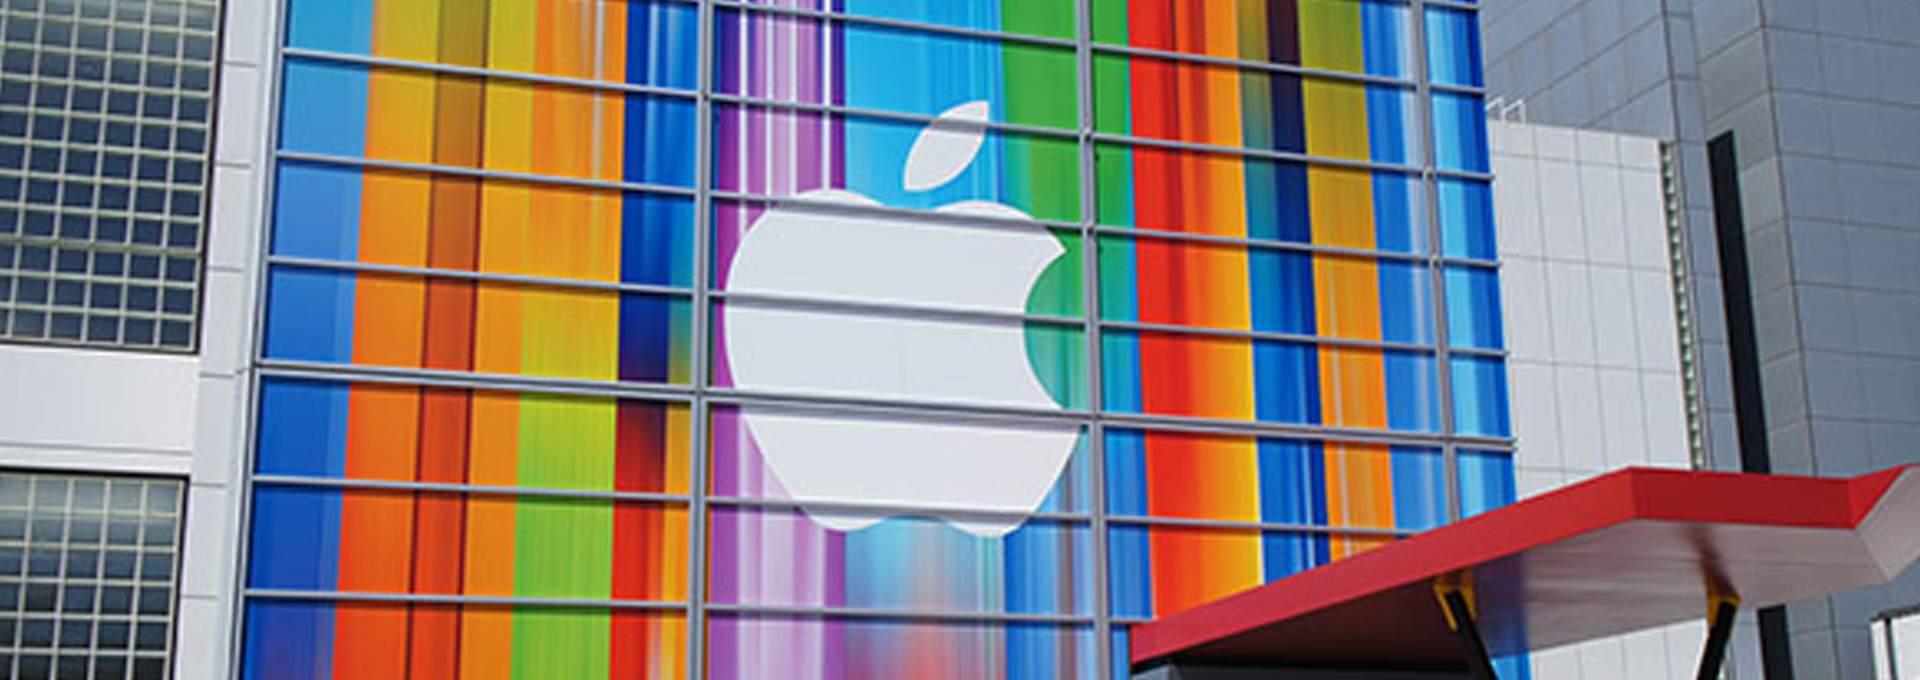 Evénement Apple du 12 septembre pour dévoiler l'iPhone 5: le Live Blog d'Ohmymac